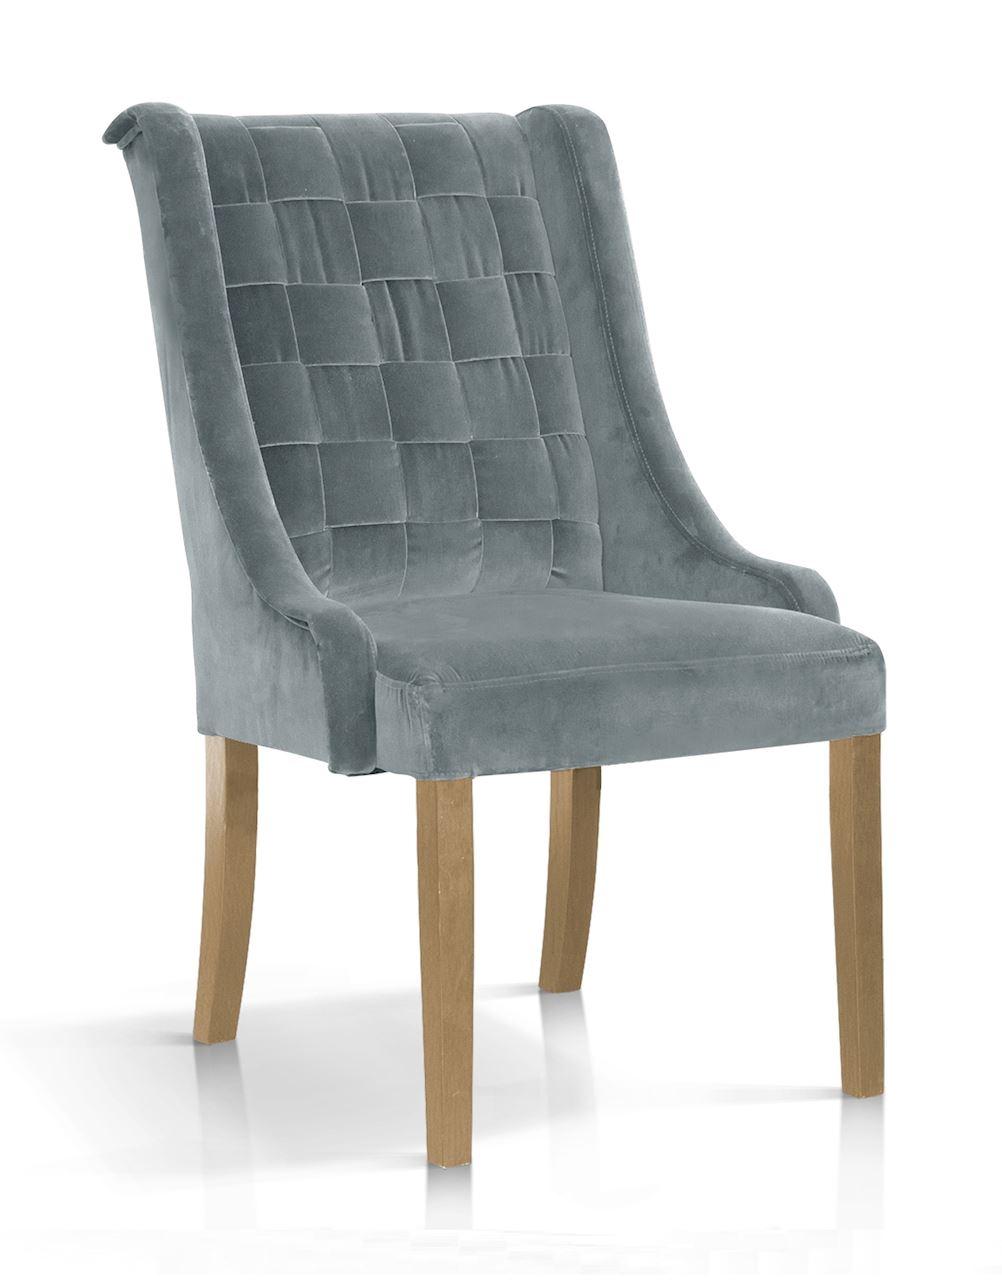 Scaun tapitat cu stofa, cu picioare din lemn Prince Gri / Stejar, l55xA70xH105 cm